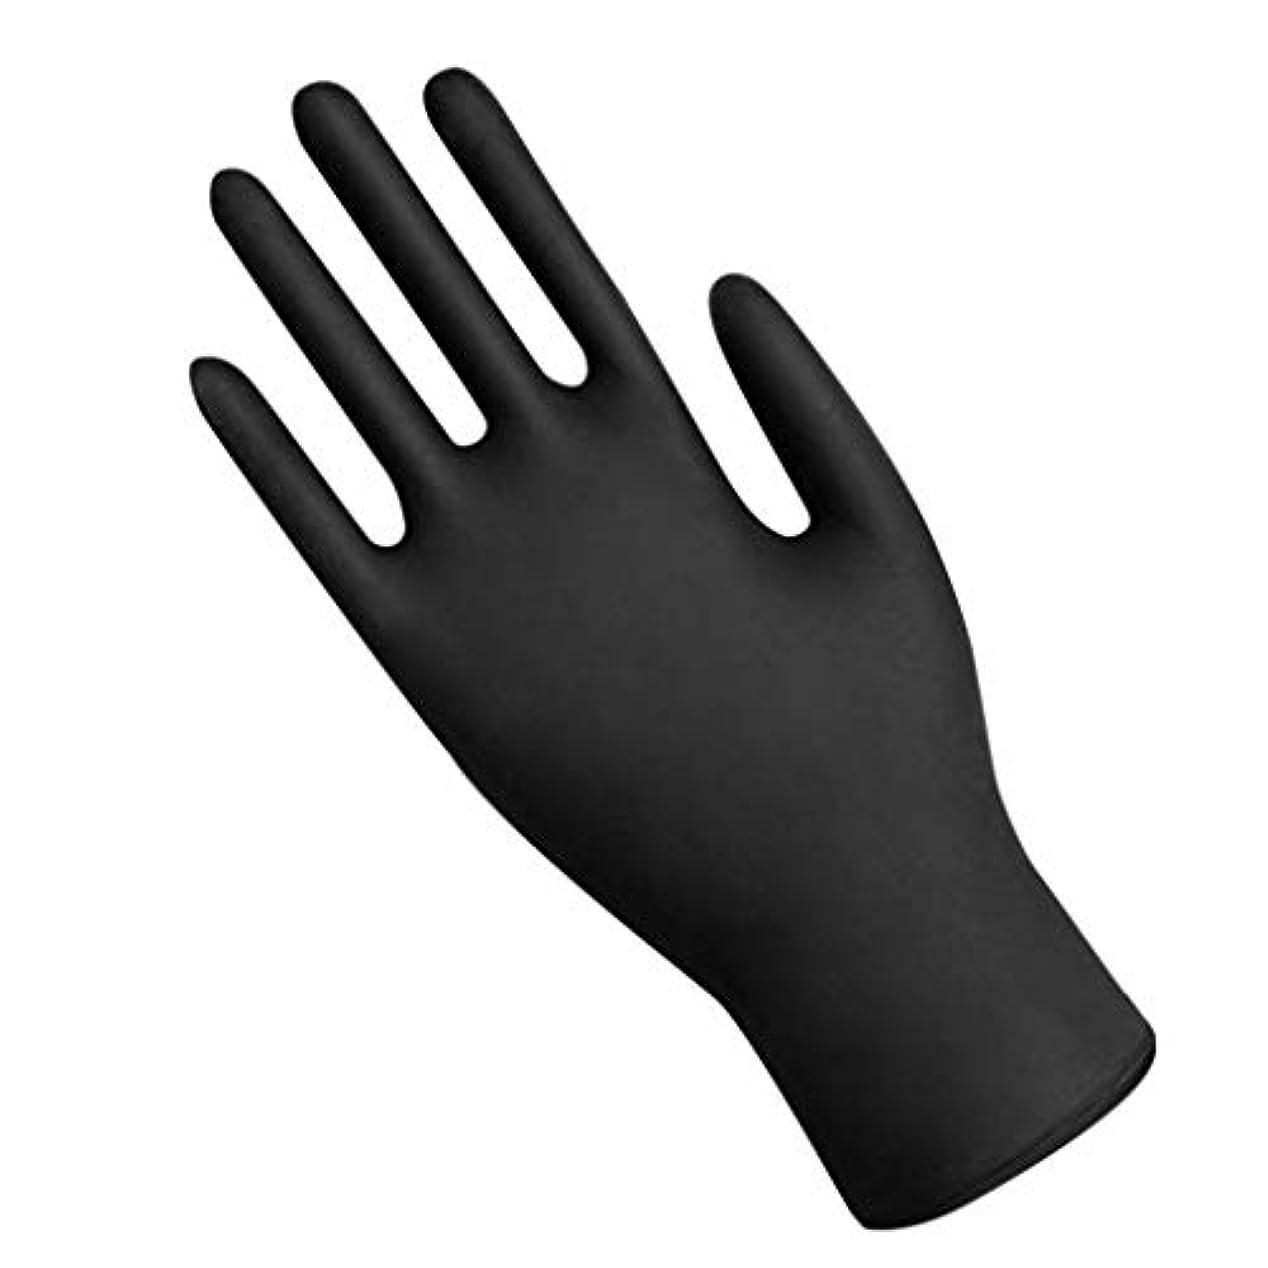 能力憲法カストディアンLazayyi 50枚入 シルク手袋 手袋 使い捨て手袋 手荒い 滑りにくい 超弾性 (XL, ブラック)